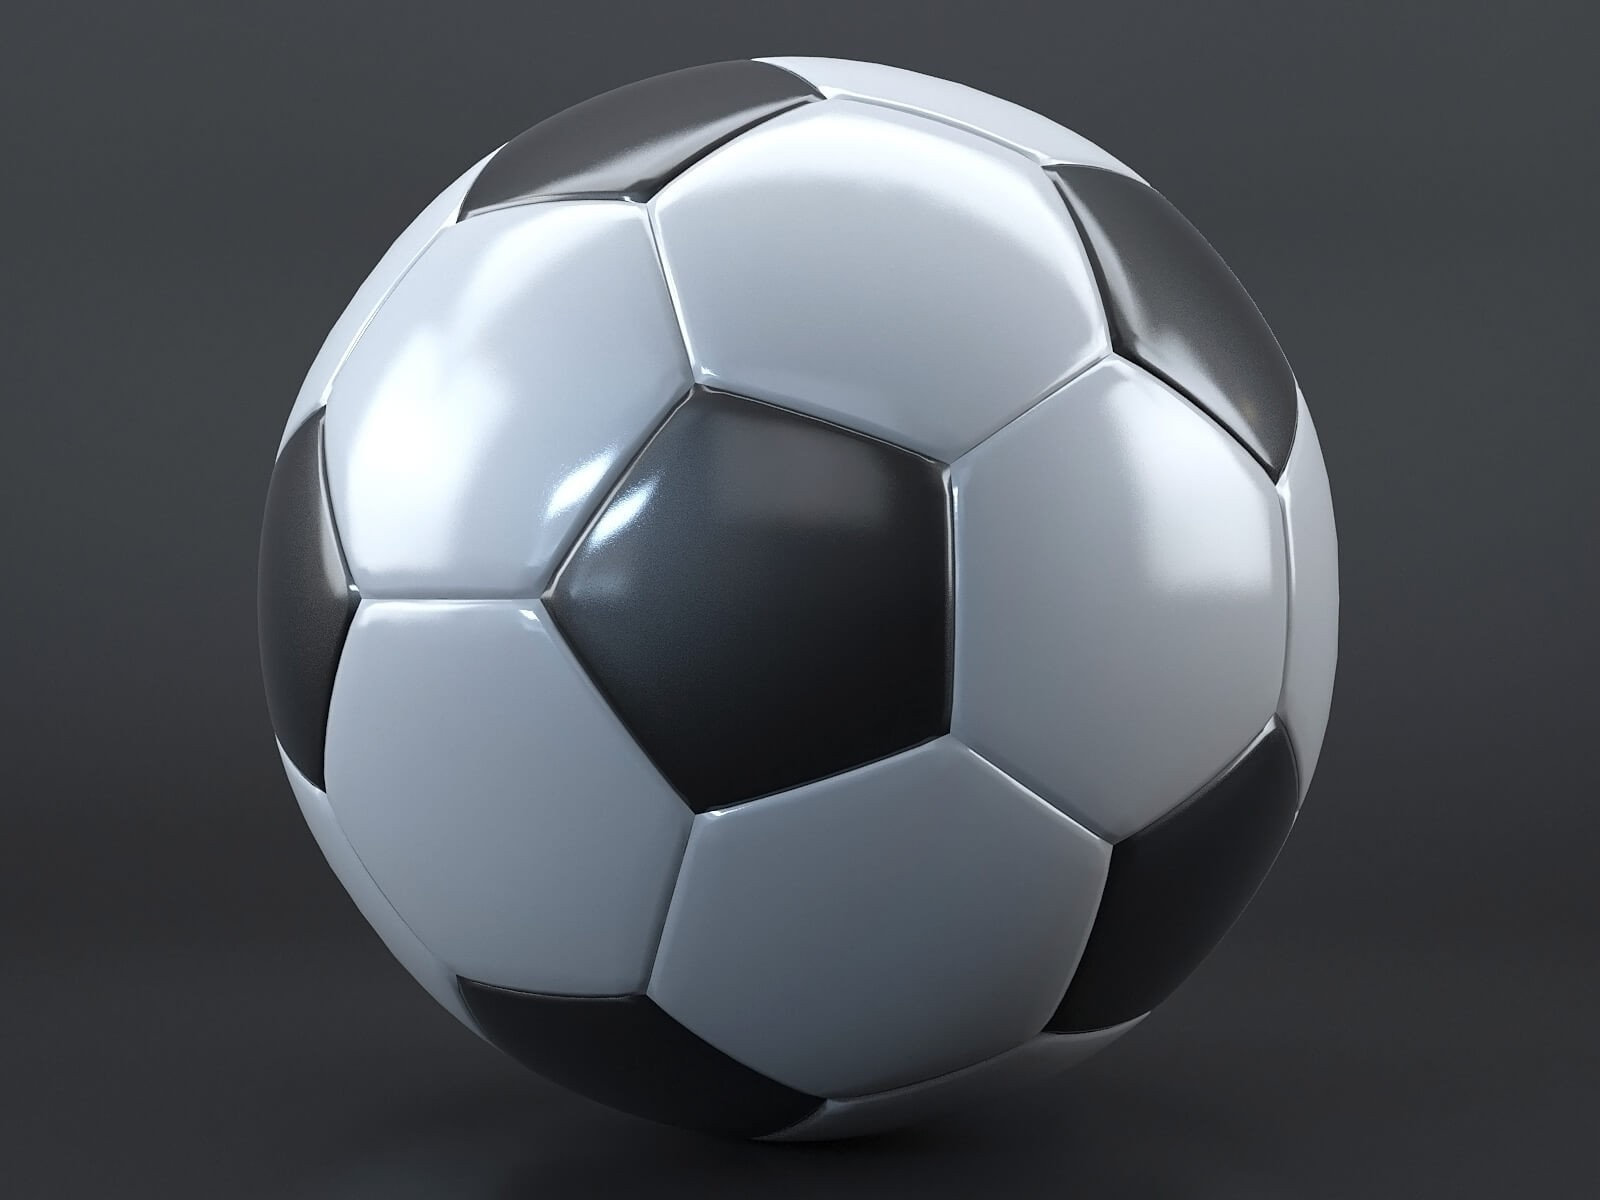 Ballon de Football 2